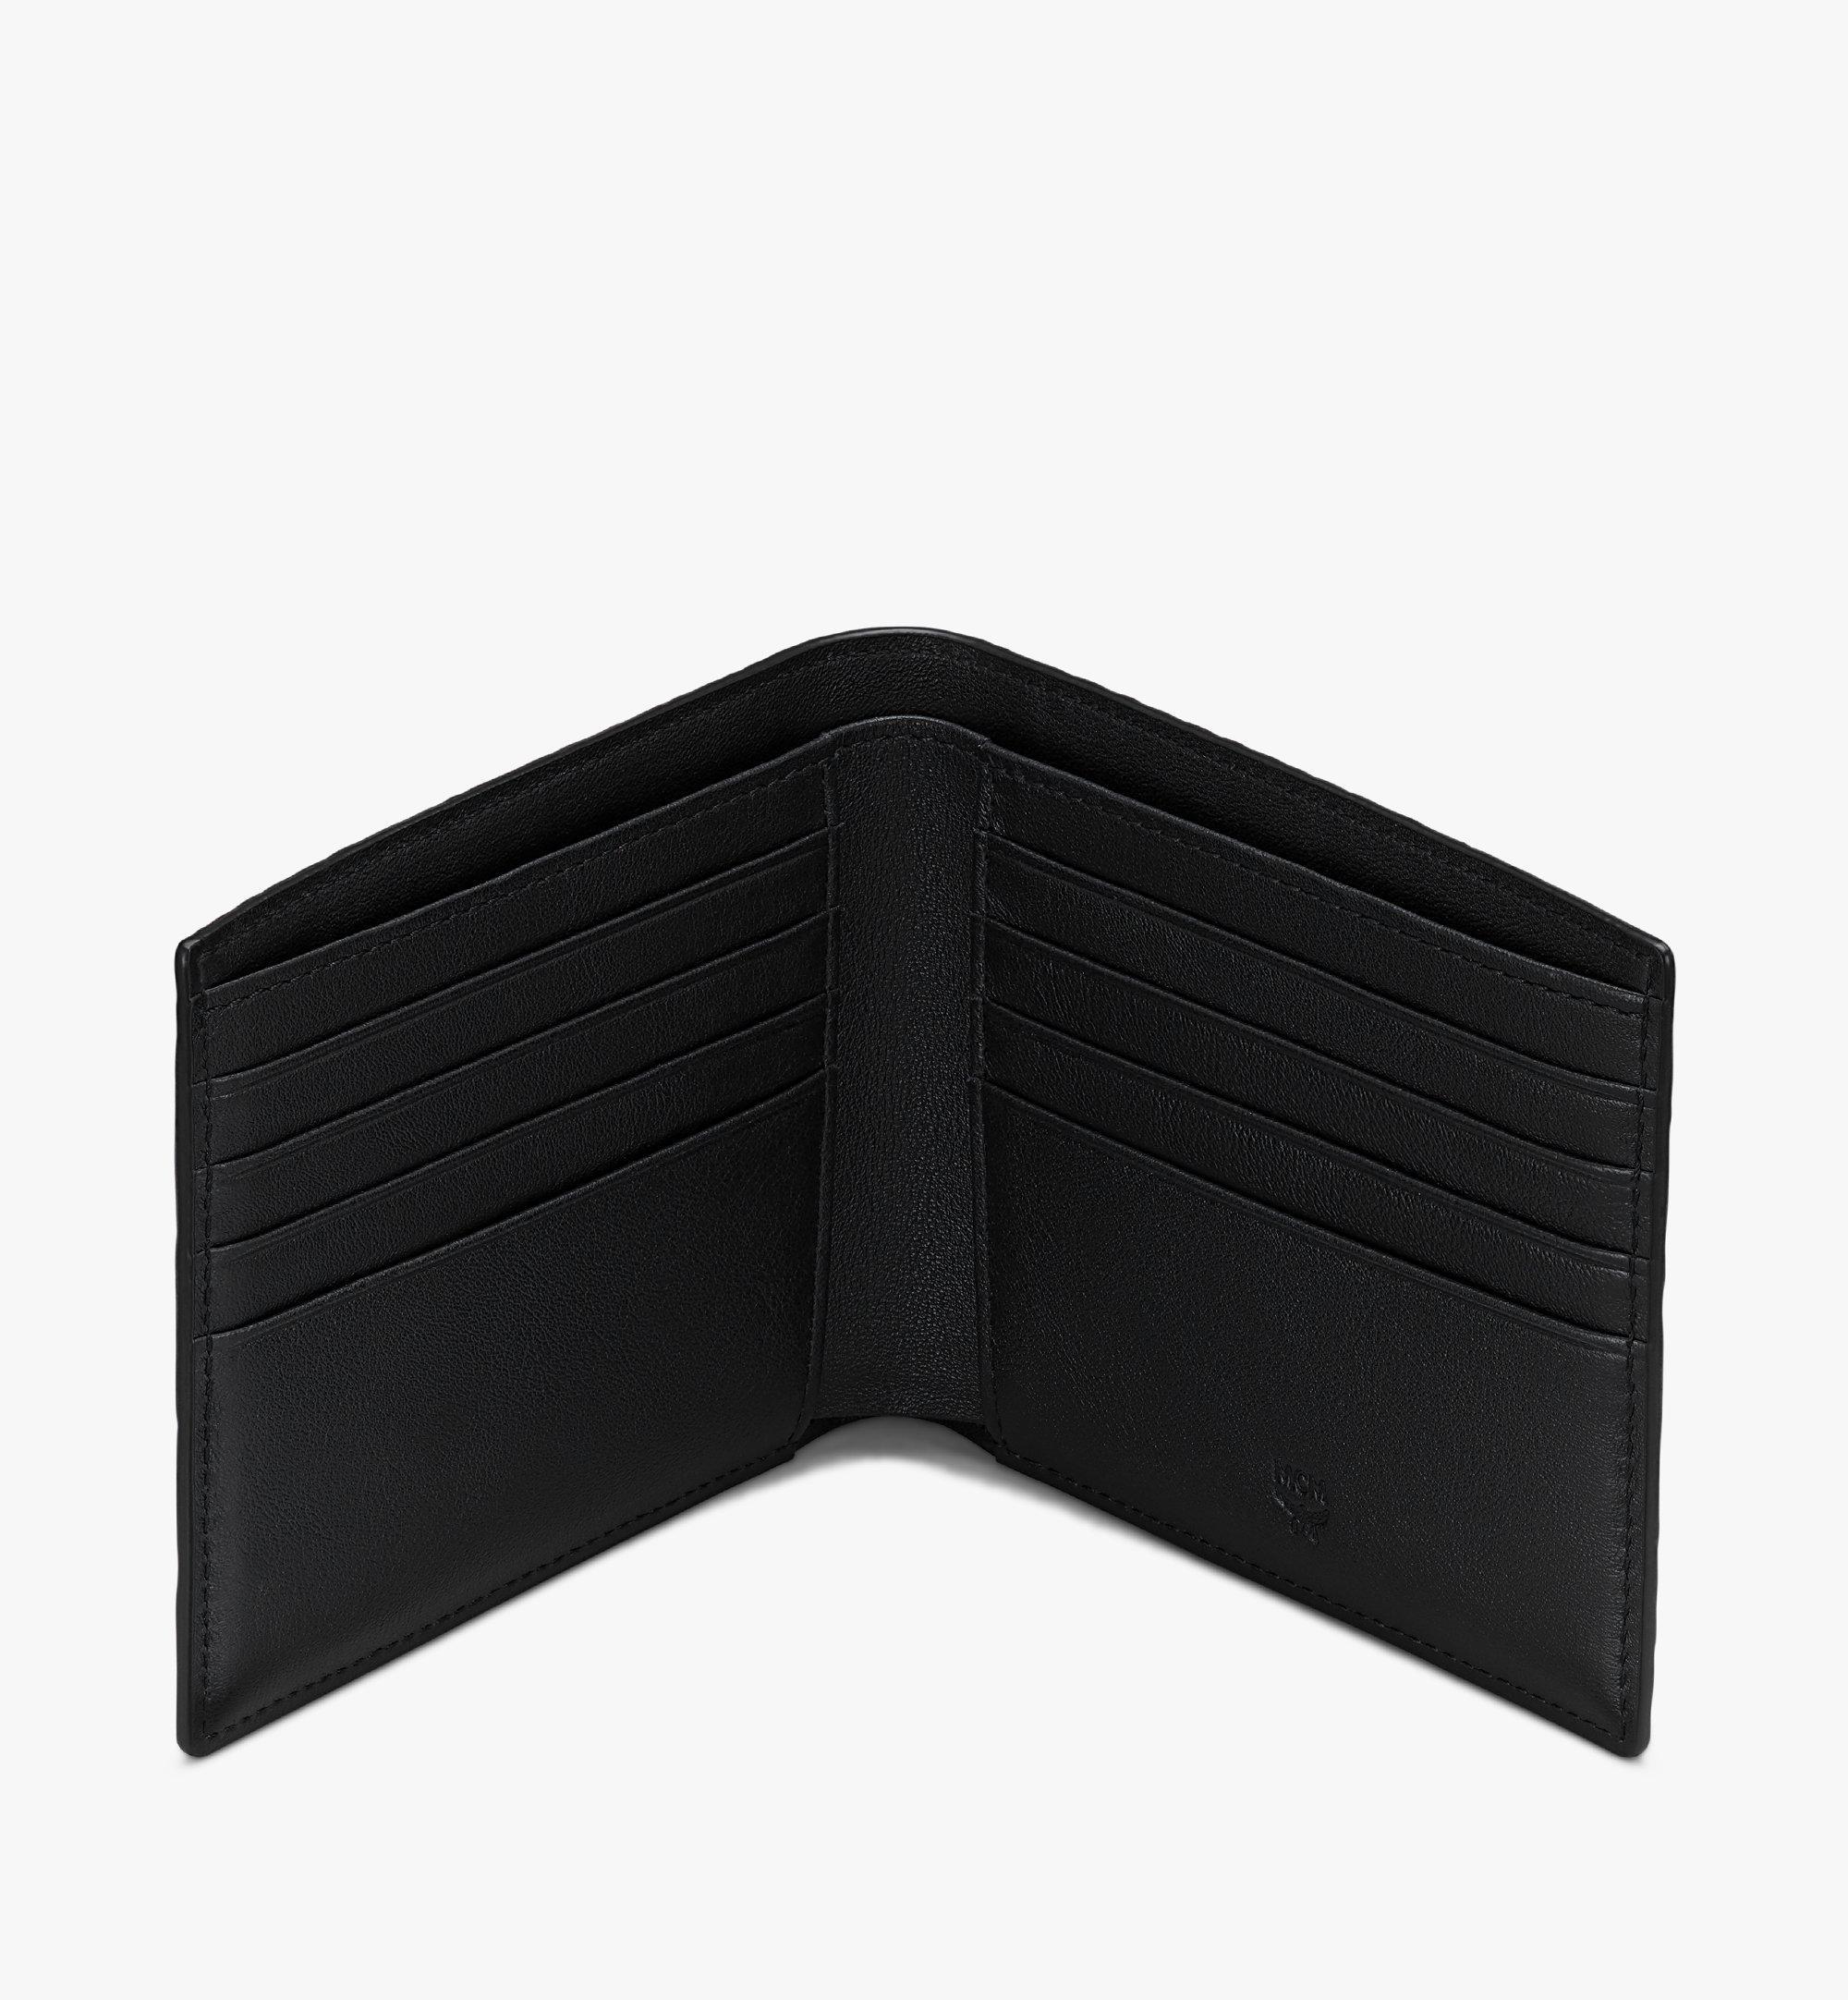 MCM 二つ折りウォレット - フローラルレオパード Black MXSASLF01B1001 Alternate View 3